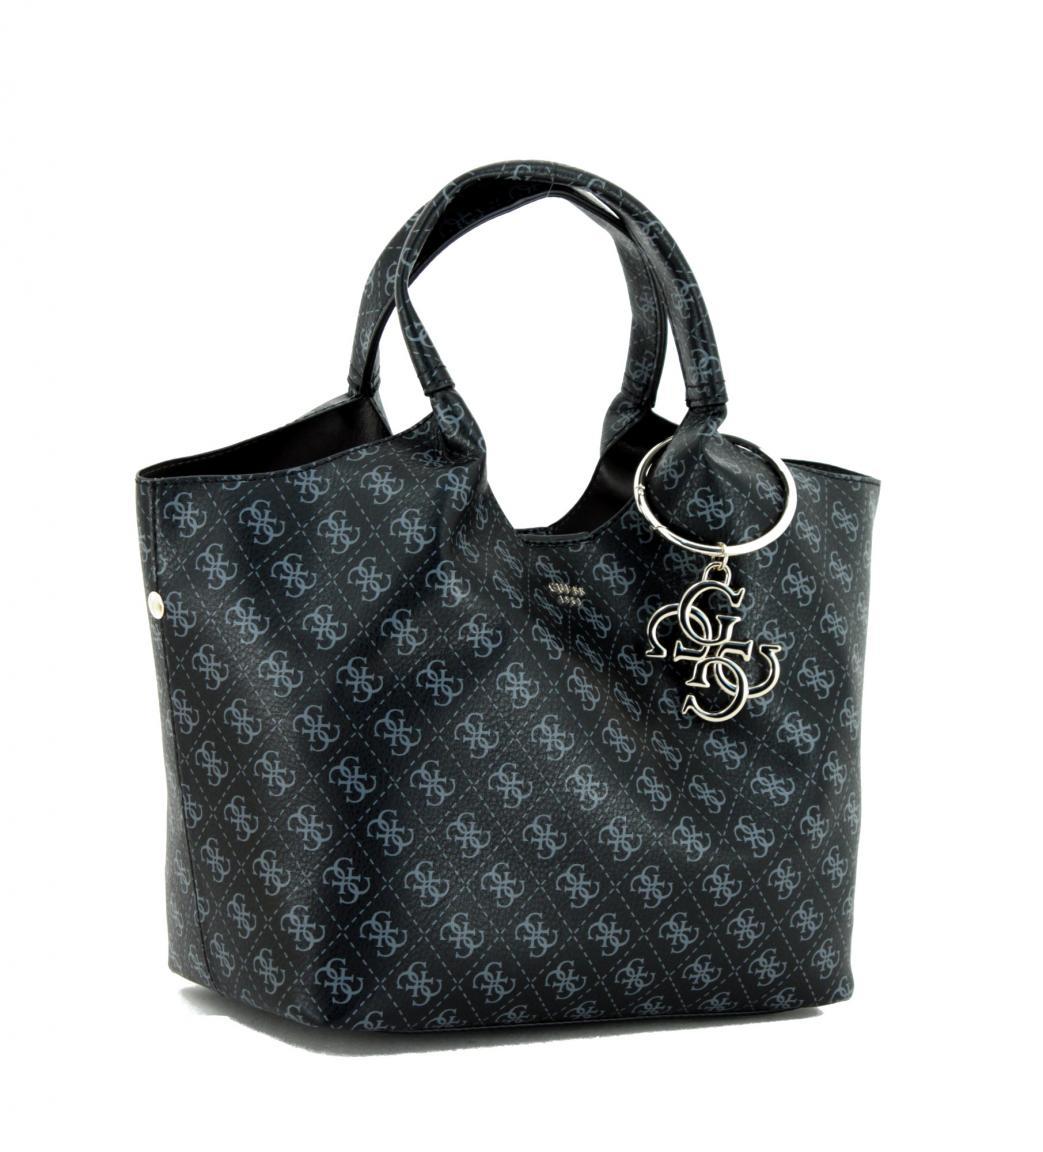 9dd586fcf8a72 Beuteltasche Guess Flora Black Logodruck schwarz grau - Bags   more